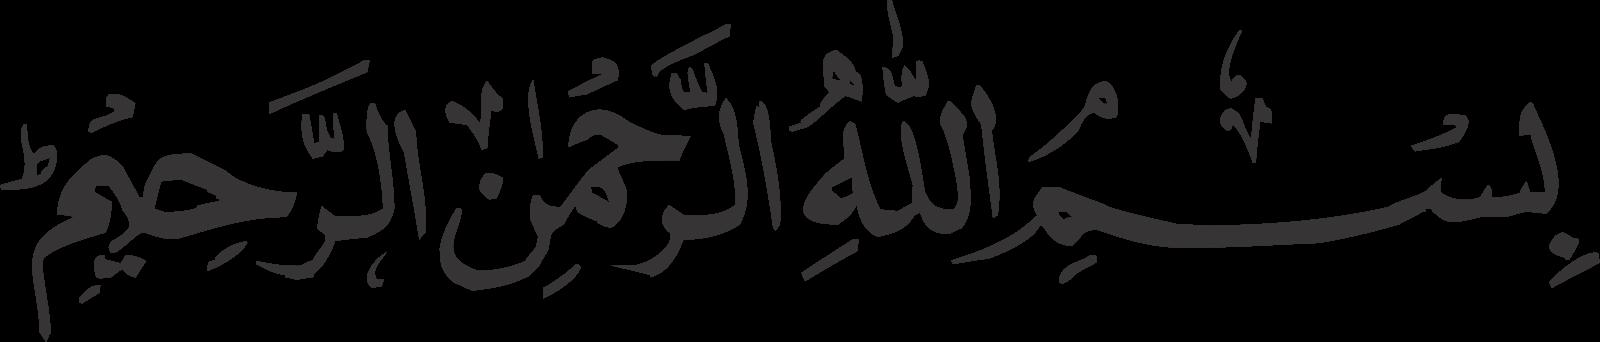 Bismillah-CDR